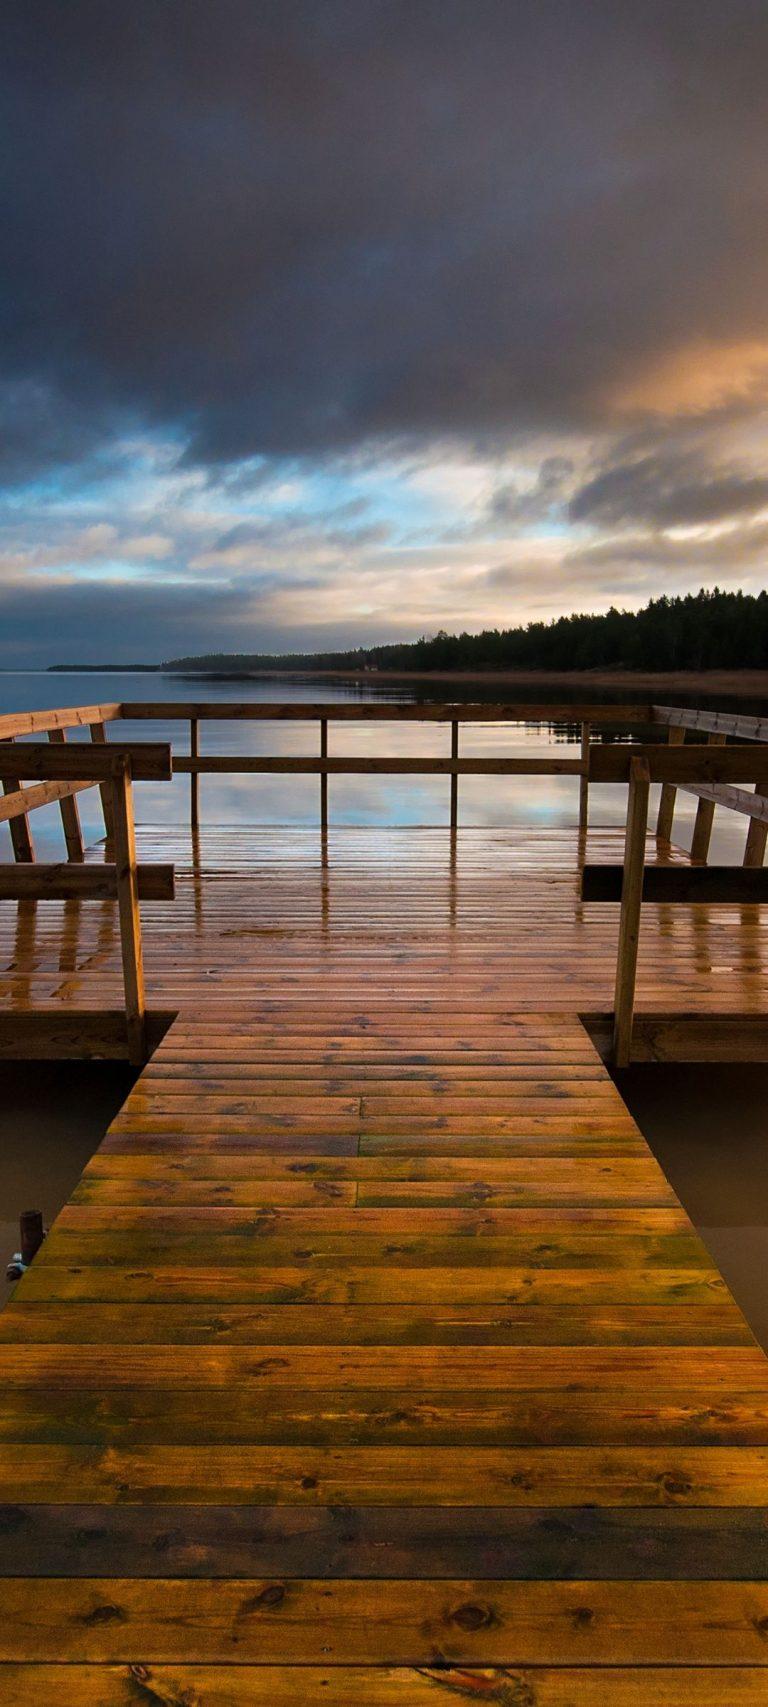 Bridge Lake Wooden Pier 1080x2400 768x1707